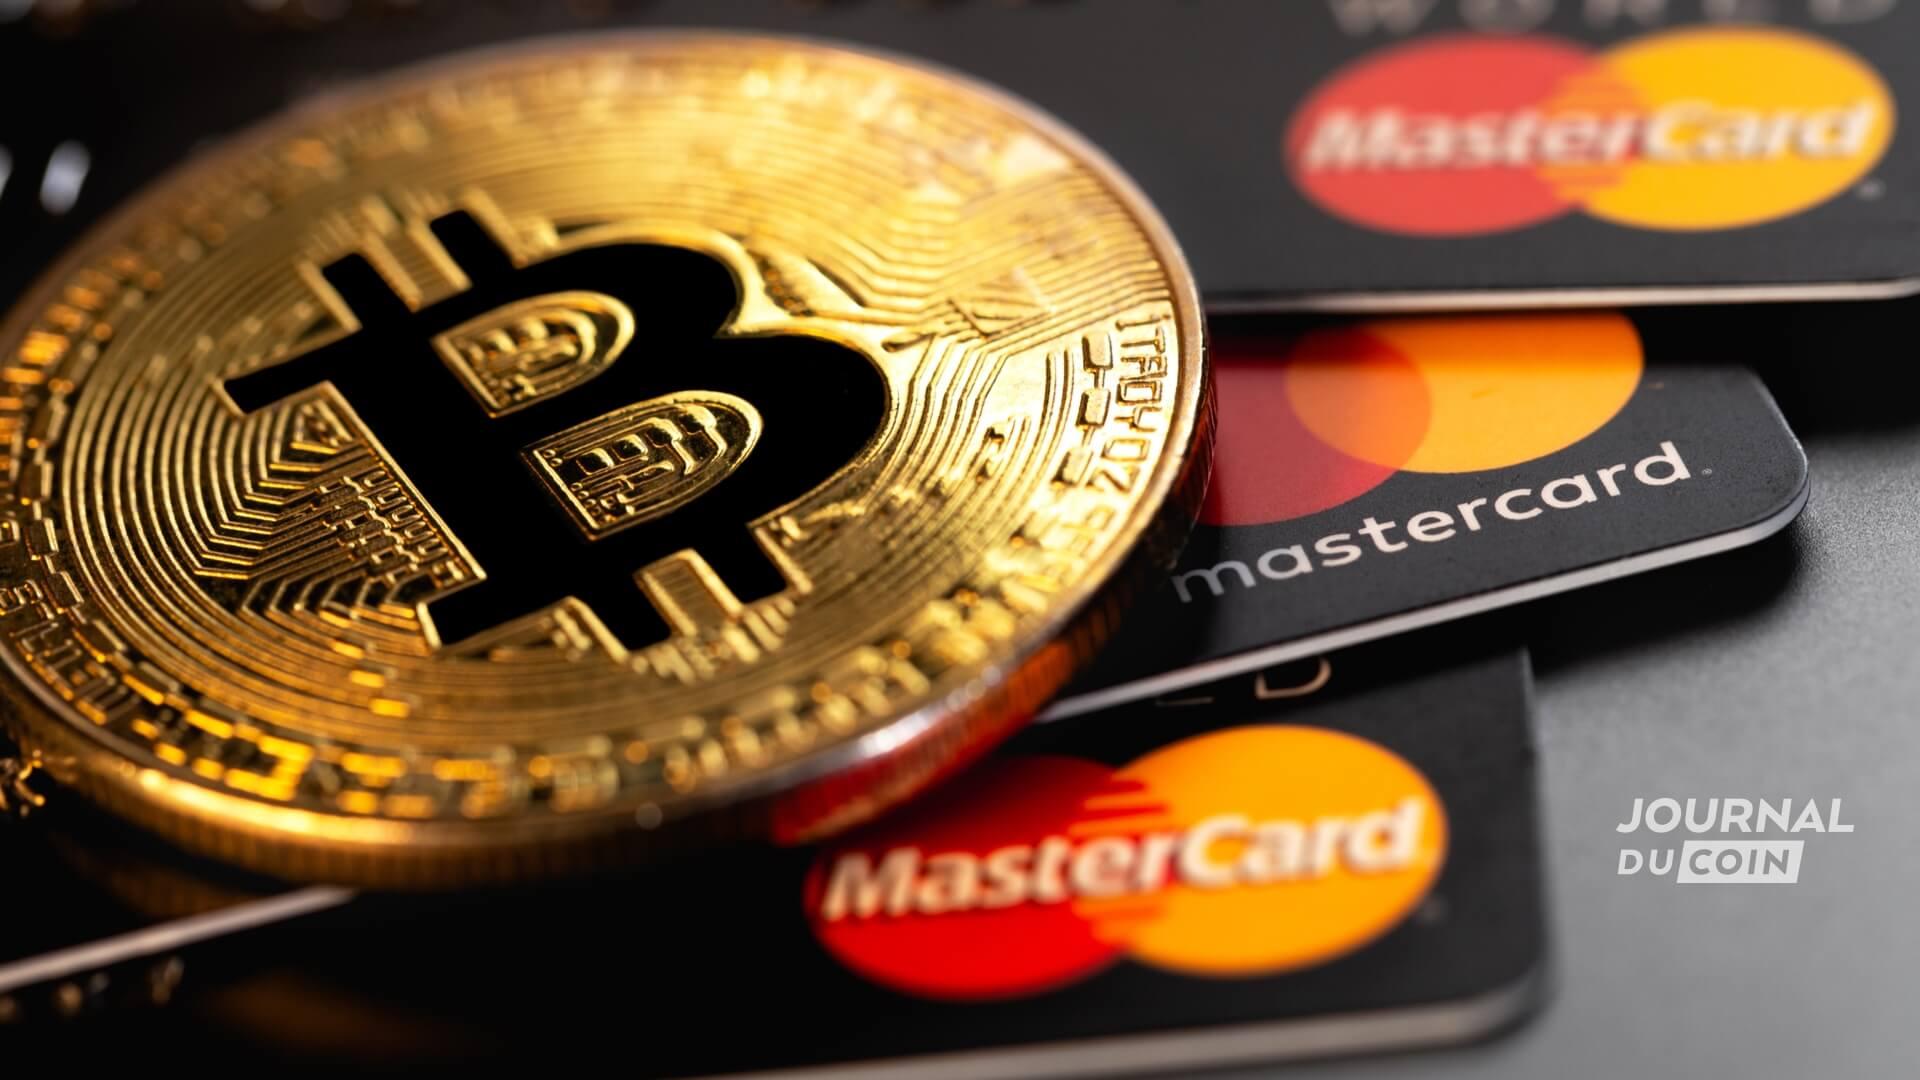 Mastercard et Bitcoin main dans la main, c'est pour demain